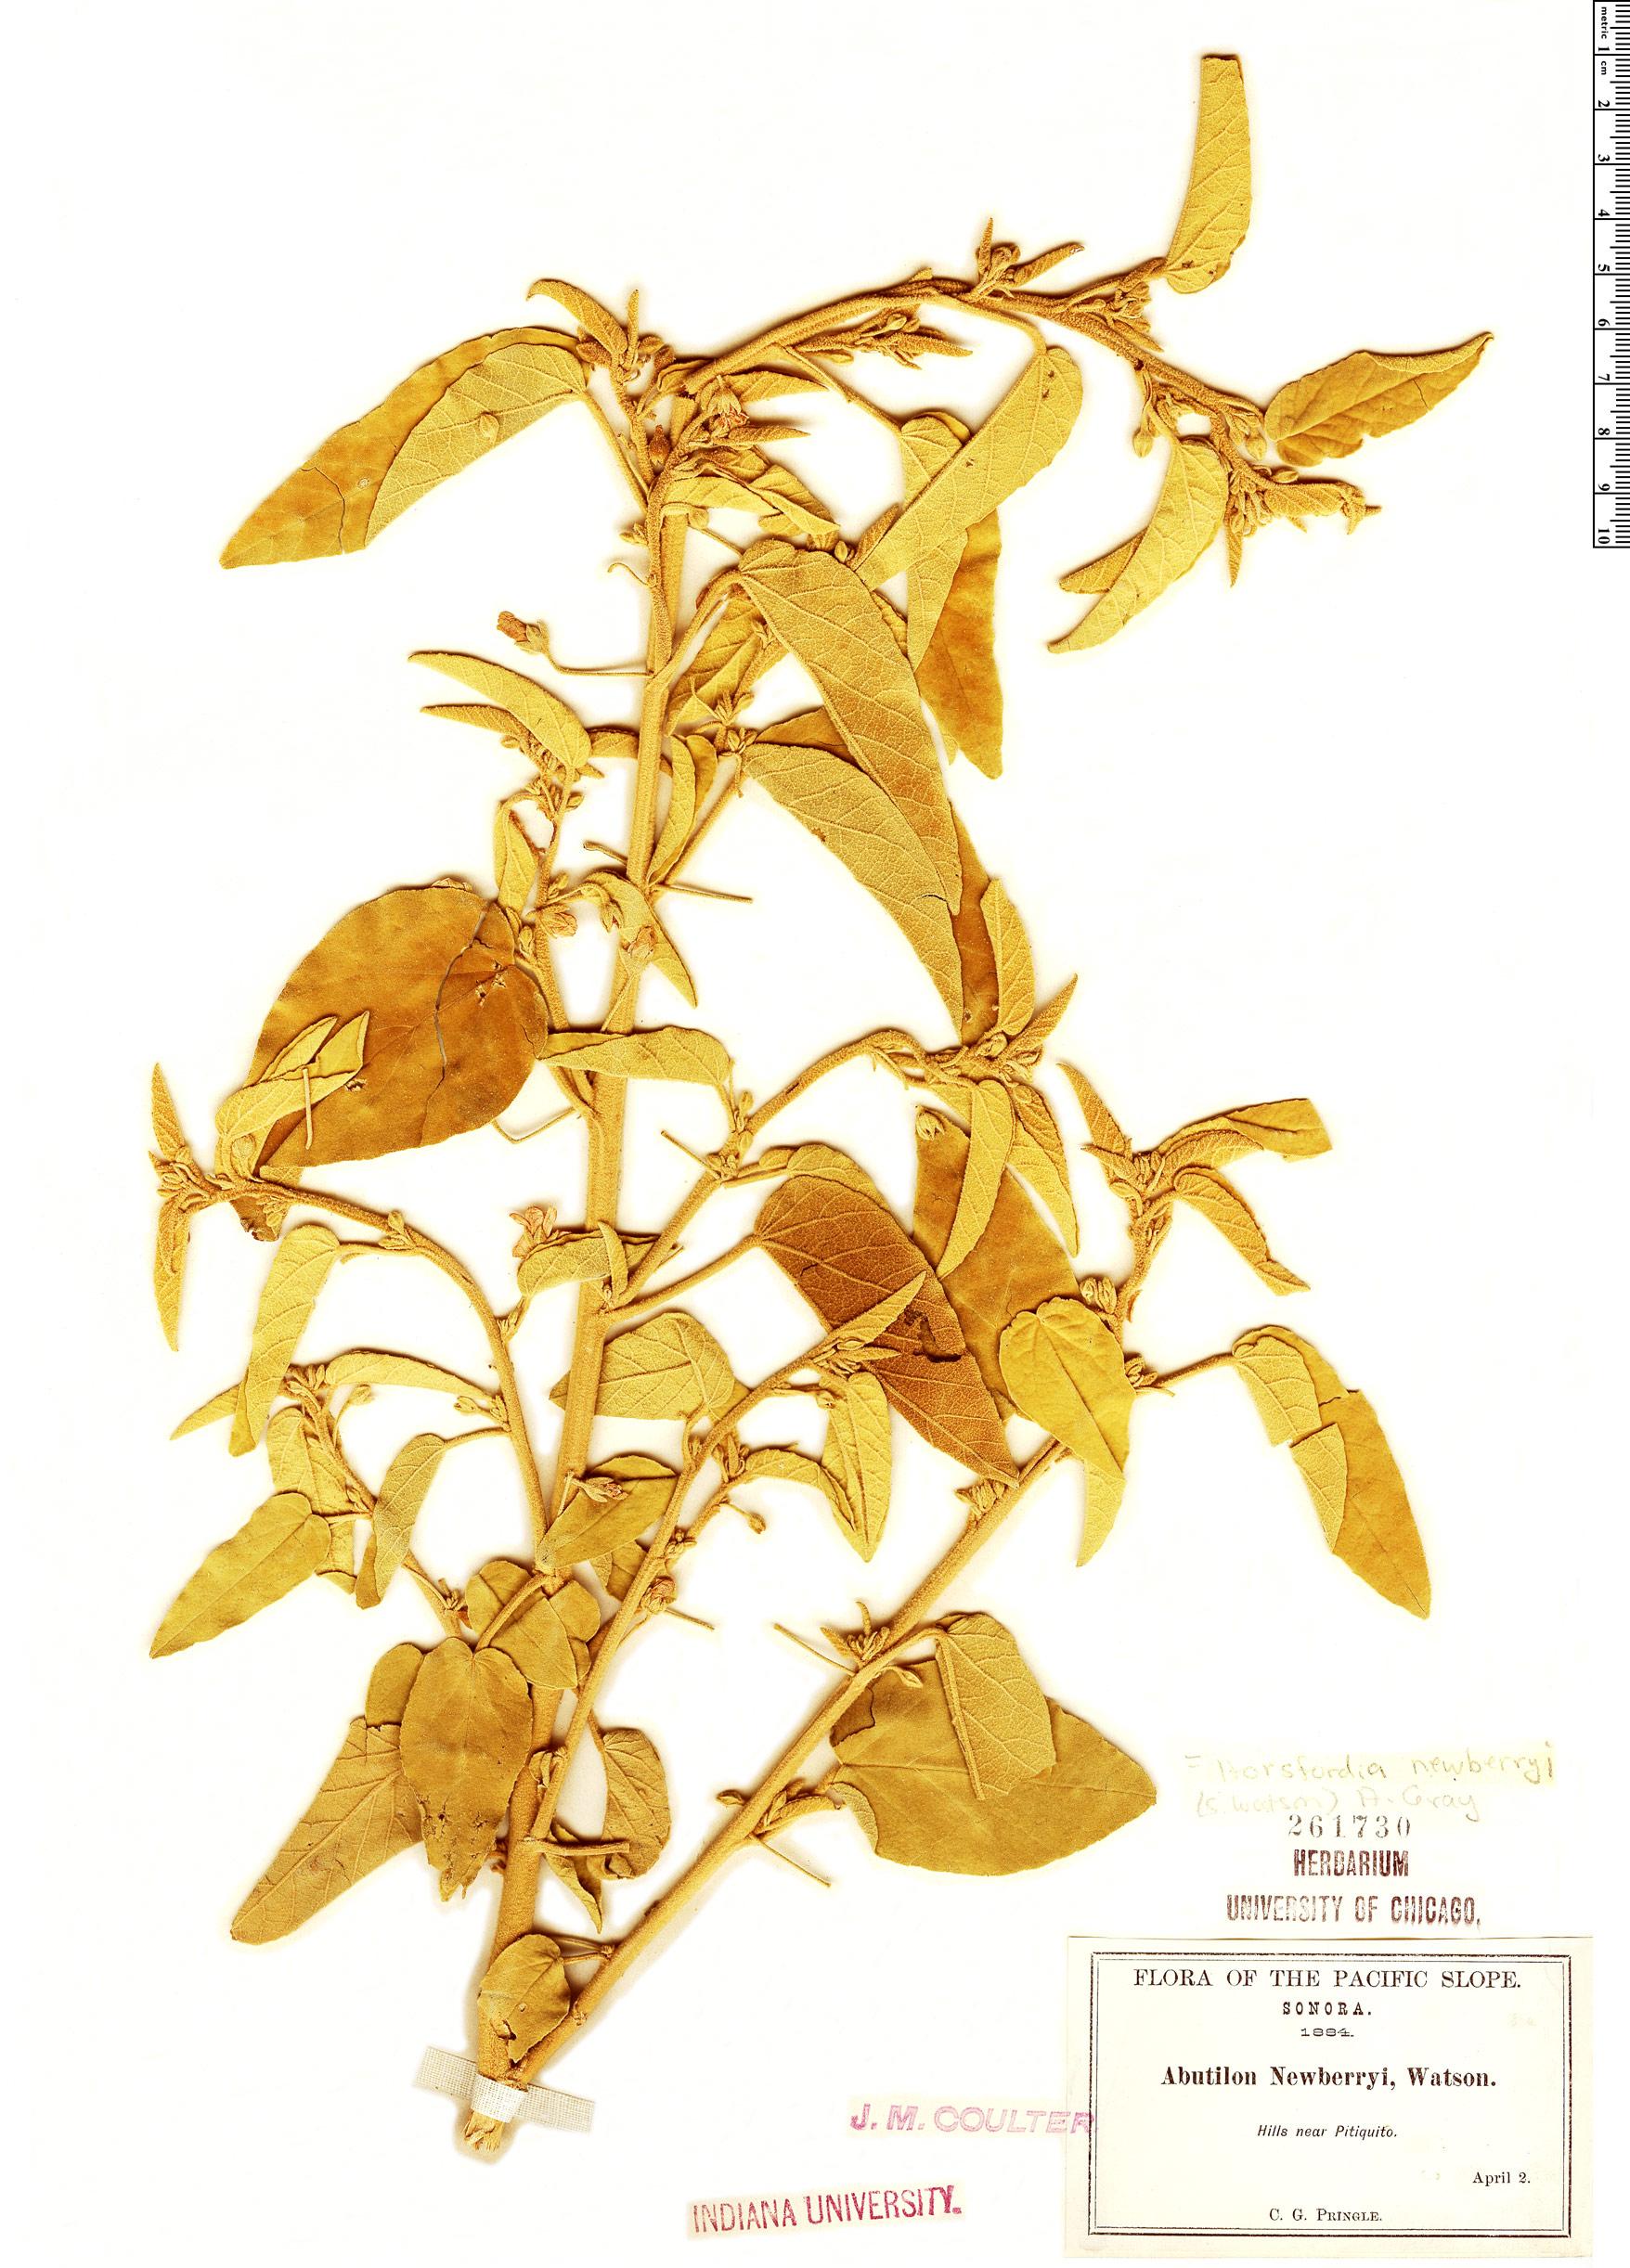 Specimen: Horsfordia newberryi